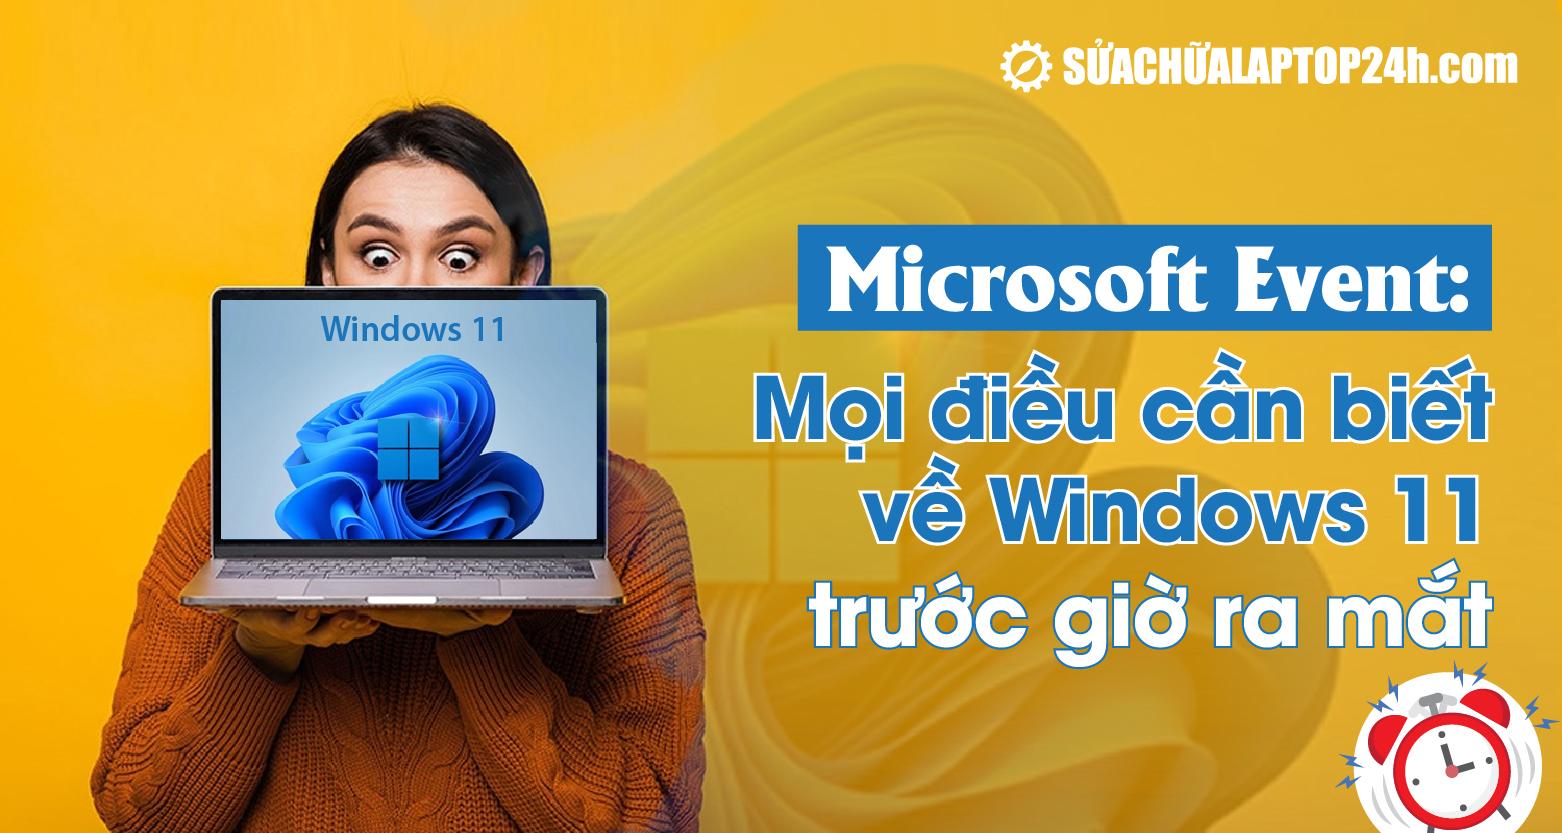 Tất cả những điều bạn cần biết về Windows 11 trước giờ ra mắt